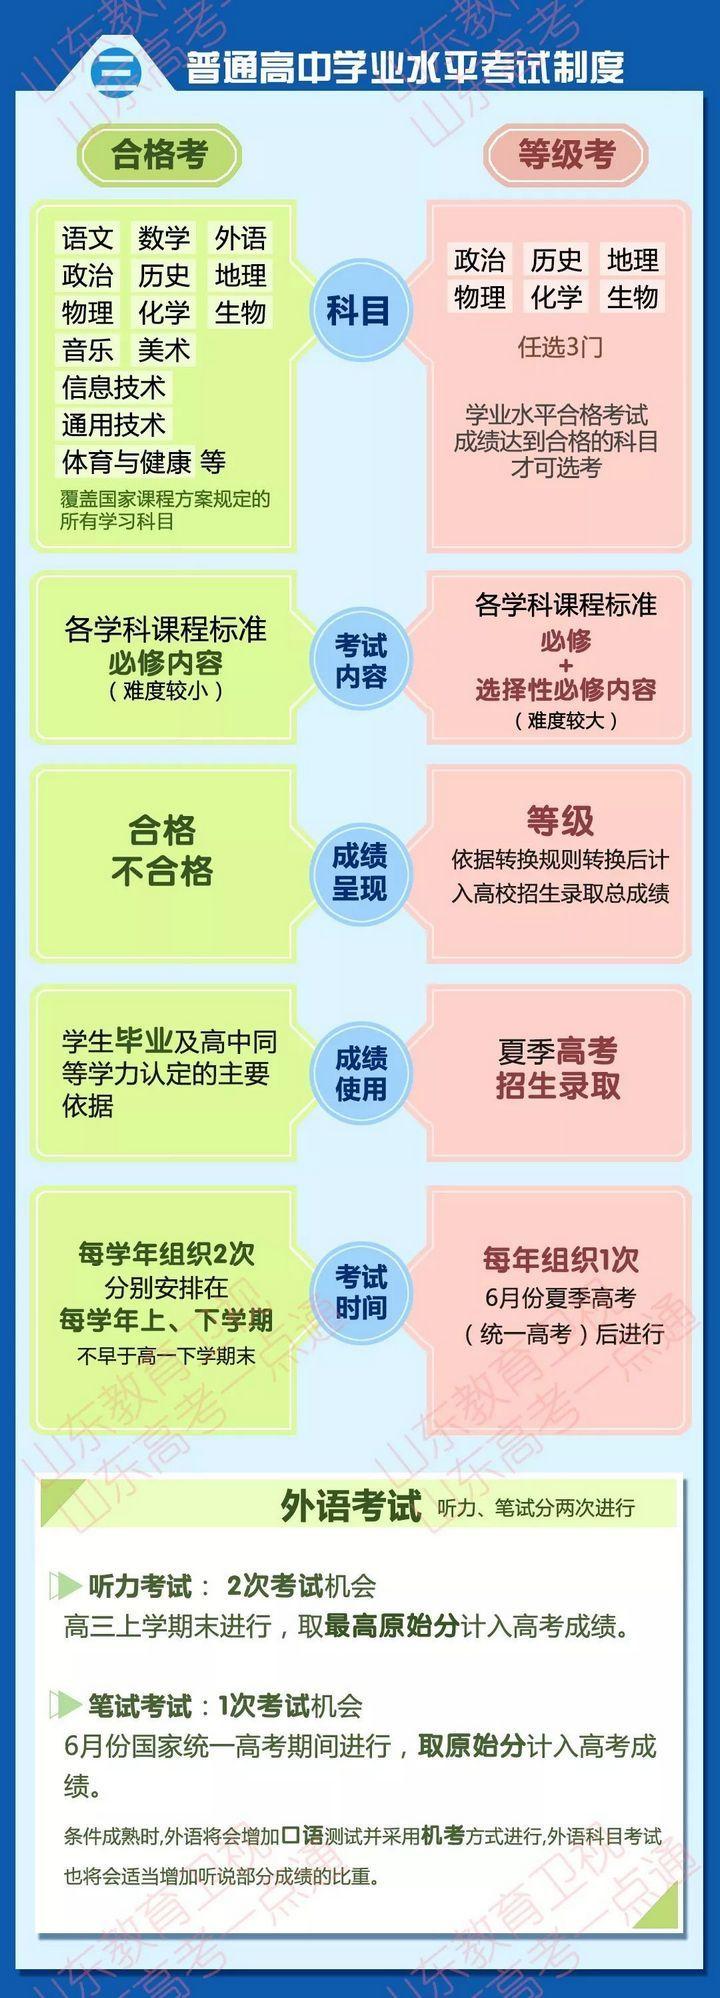 高考改革 合格考试和等级考试